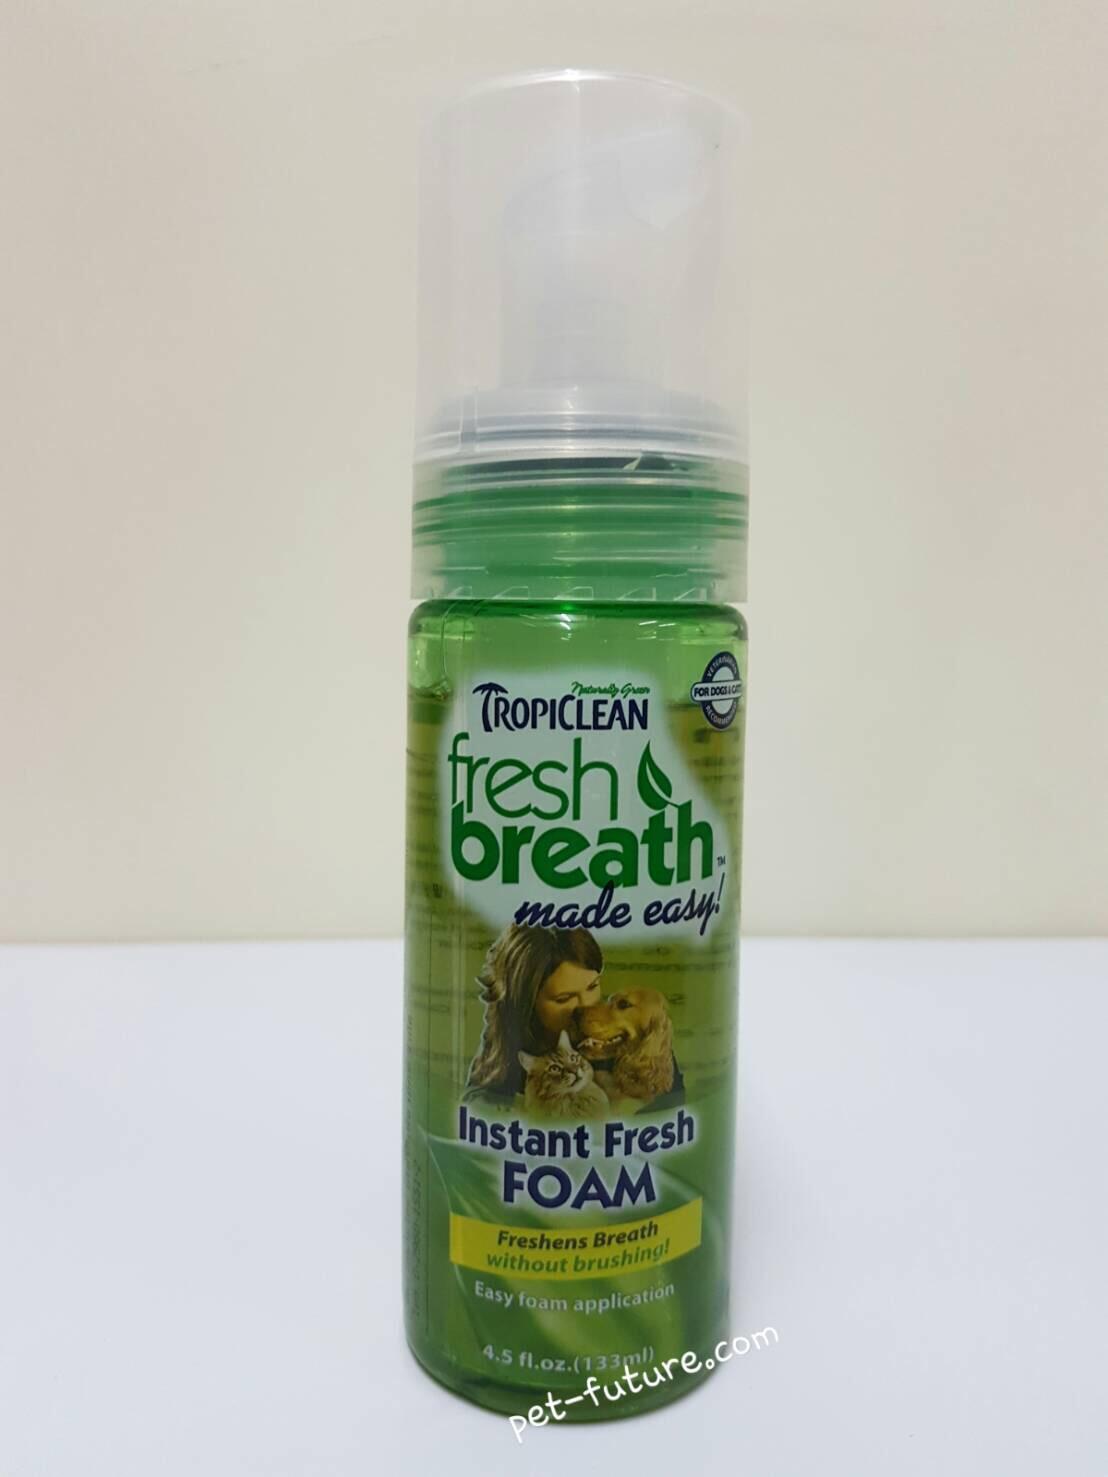 FRESH BREATH instant fresh foam